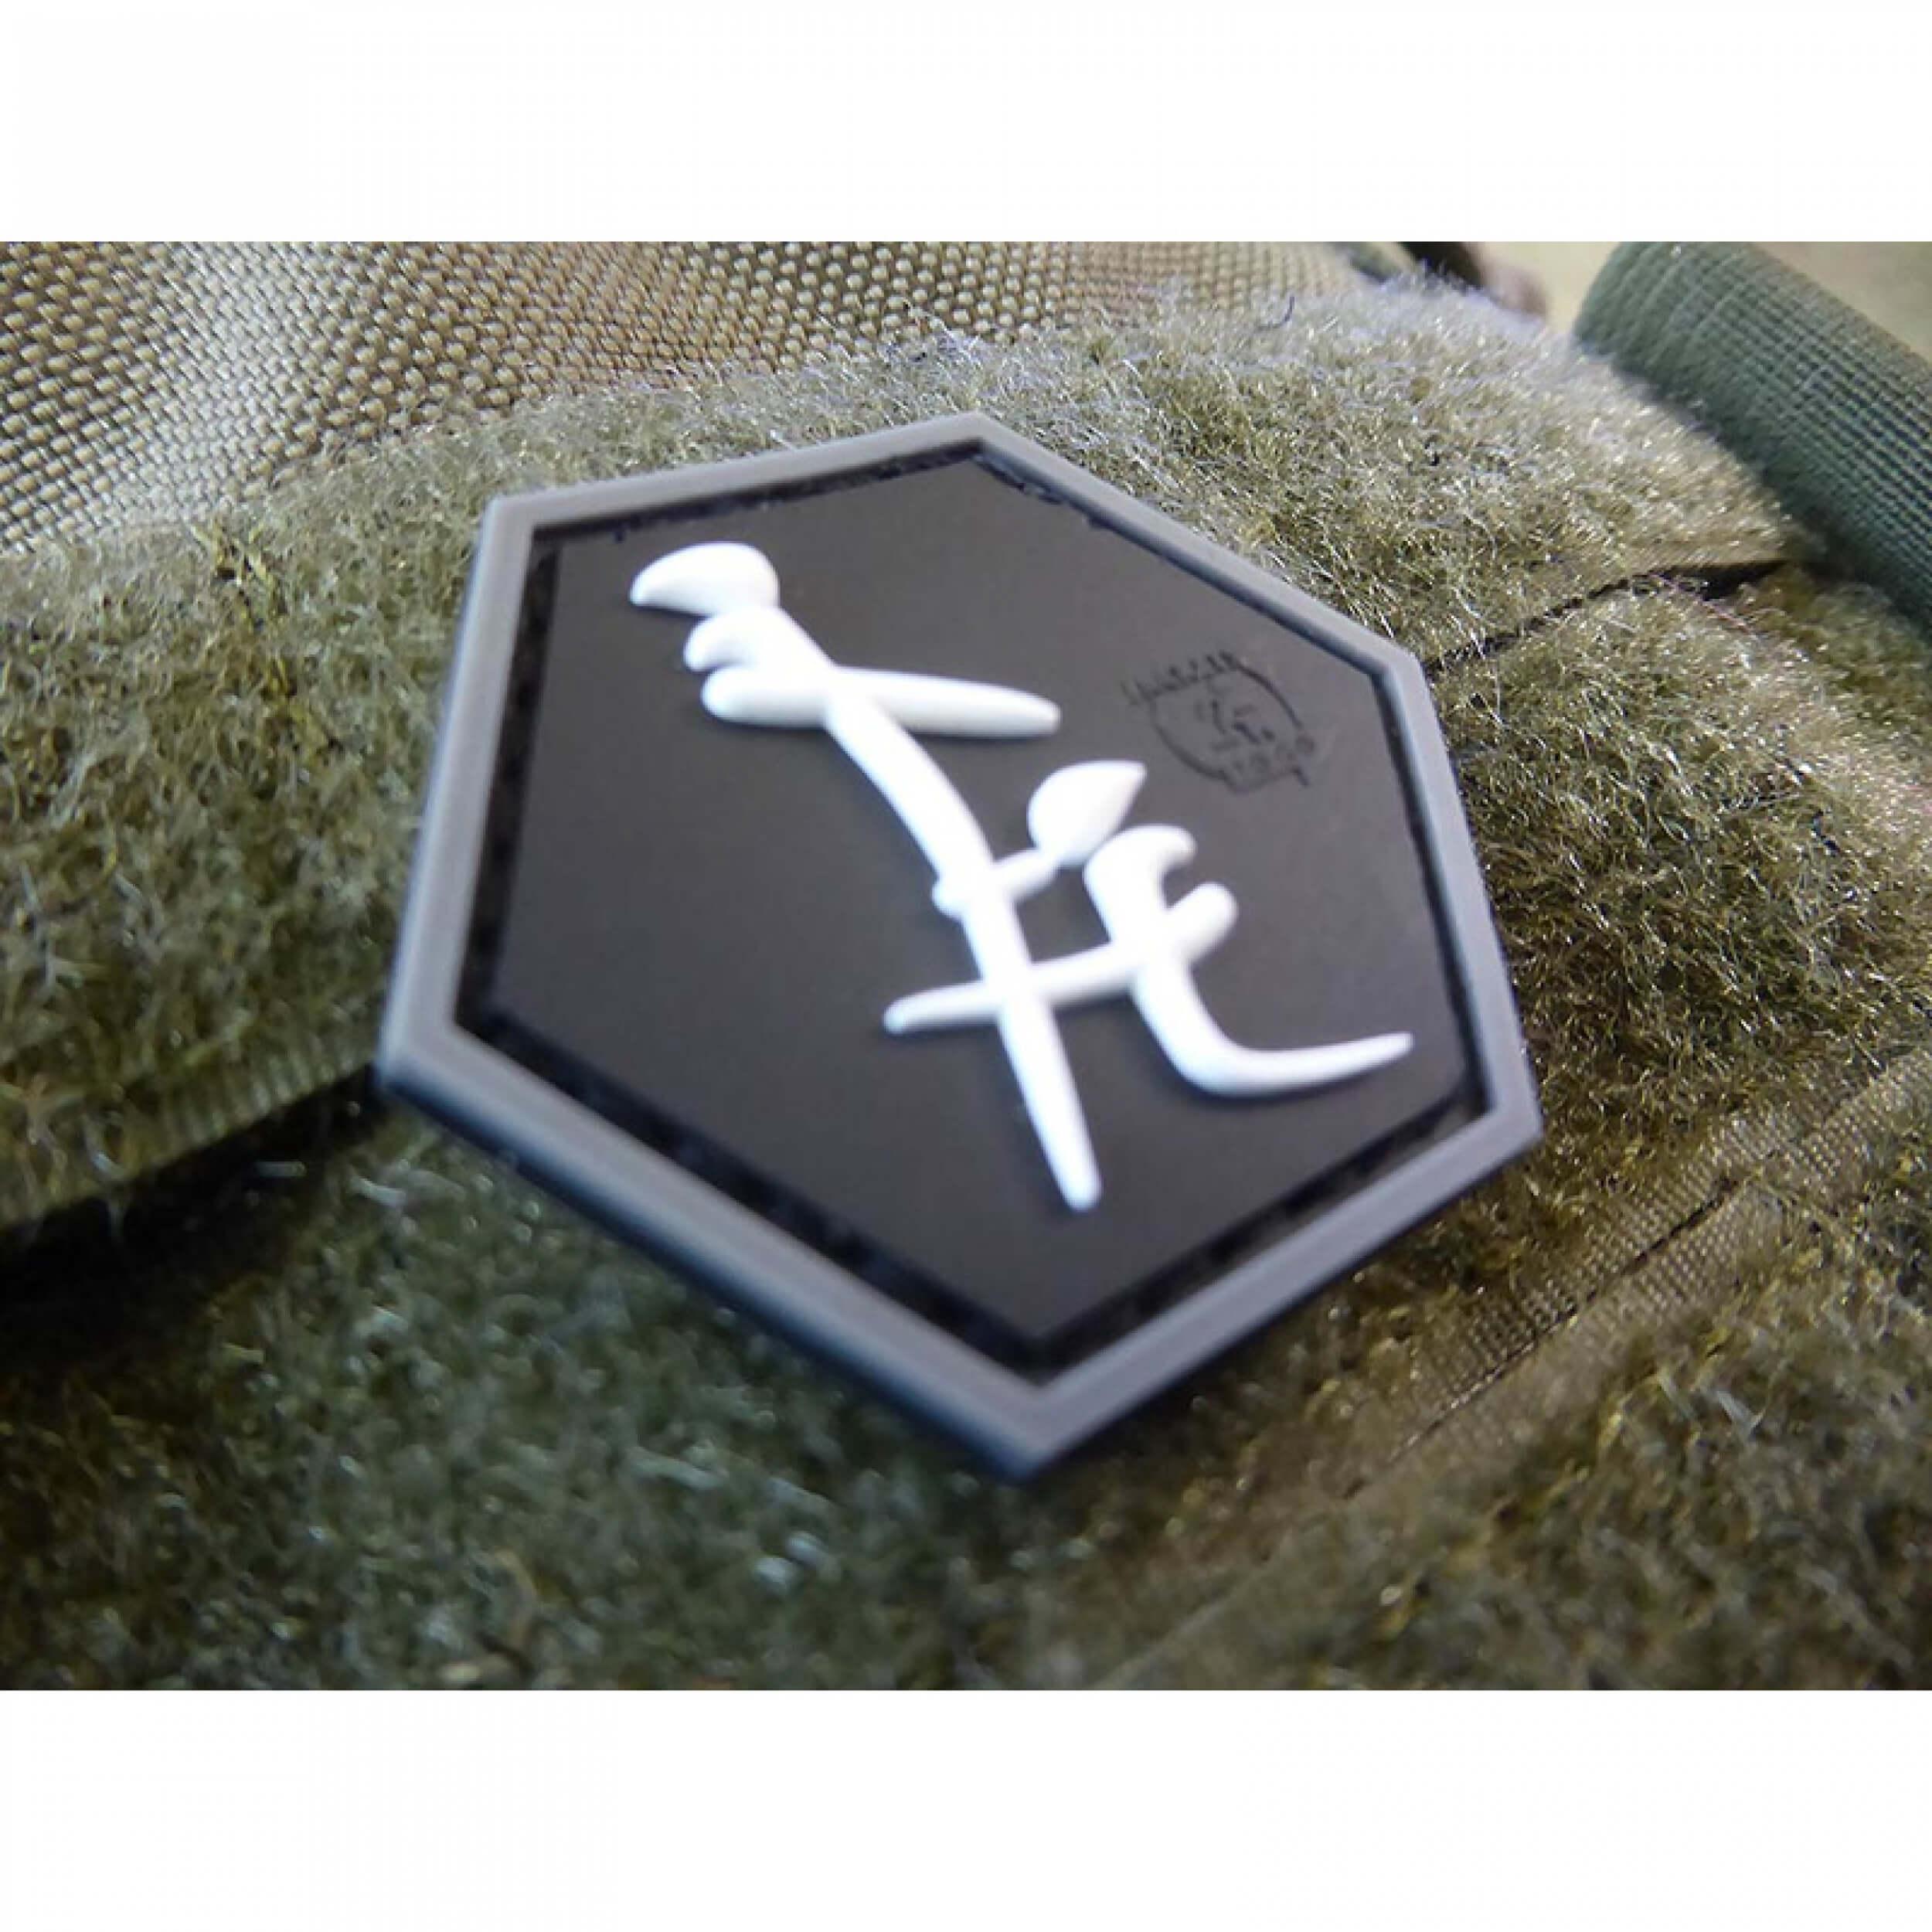 JTG IN ARBEIT oder Faultier auf dem Ast Hexagon Patch, swat / JTG 3D Rubber Patch, HexPatch